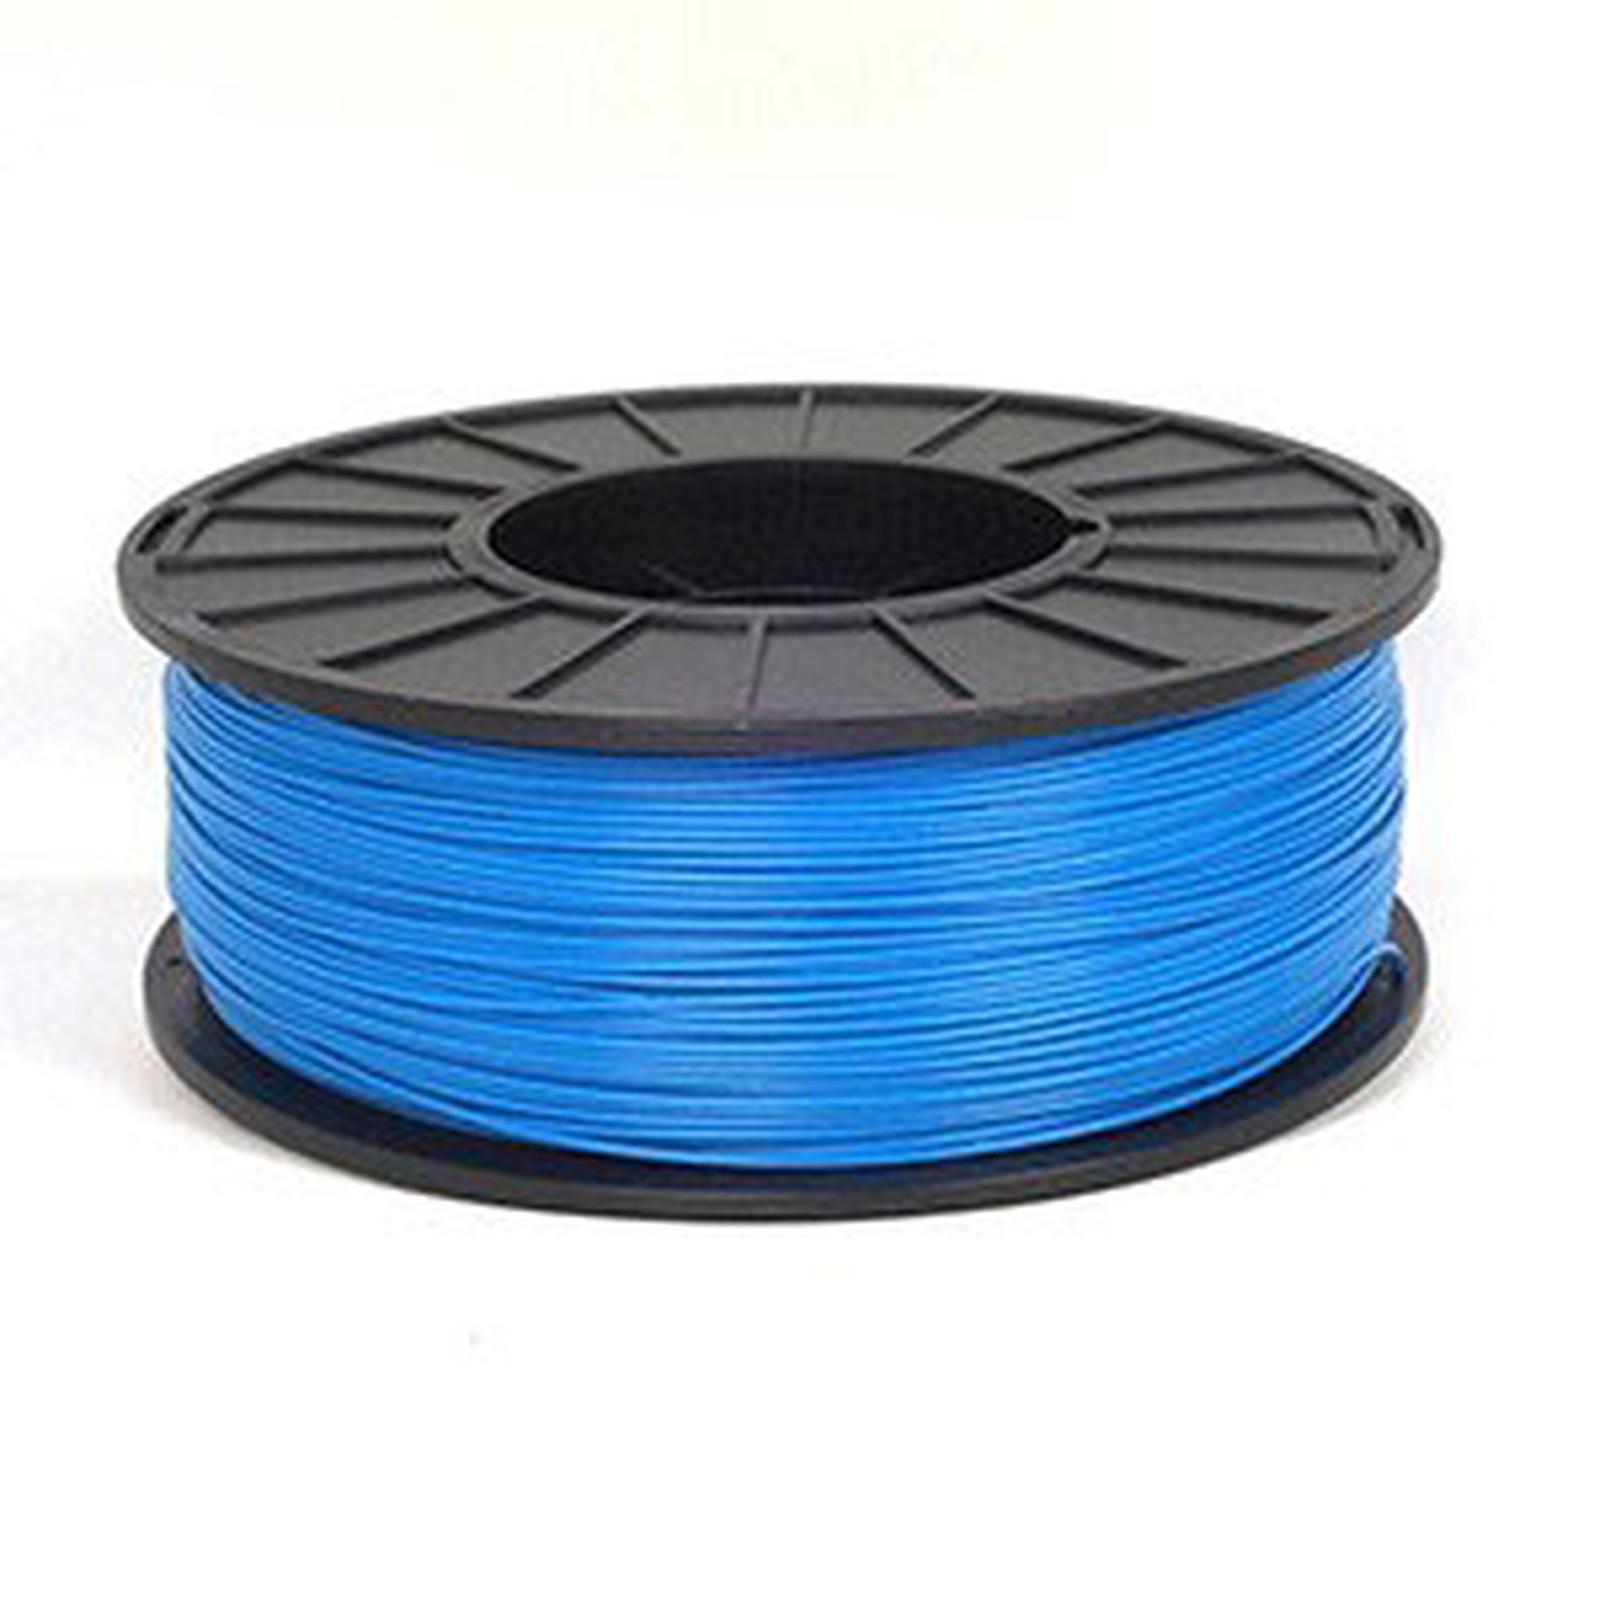 MakerBot Bobine ABS 1Kg pour imprimante 3D - True Bleu